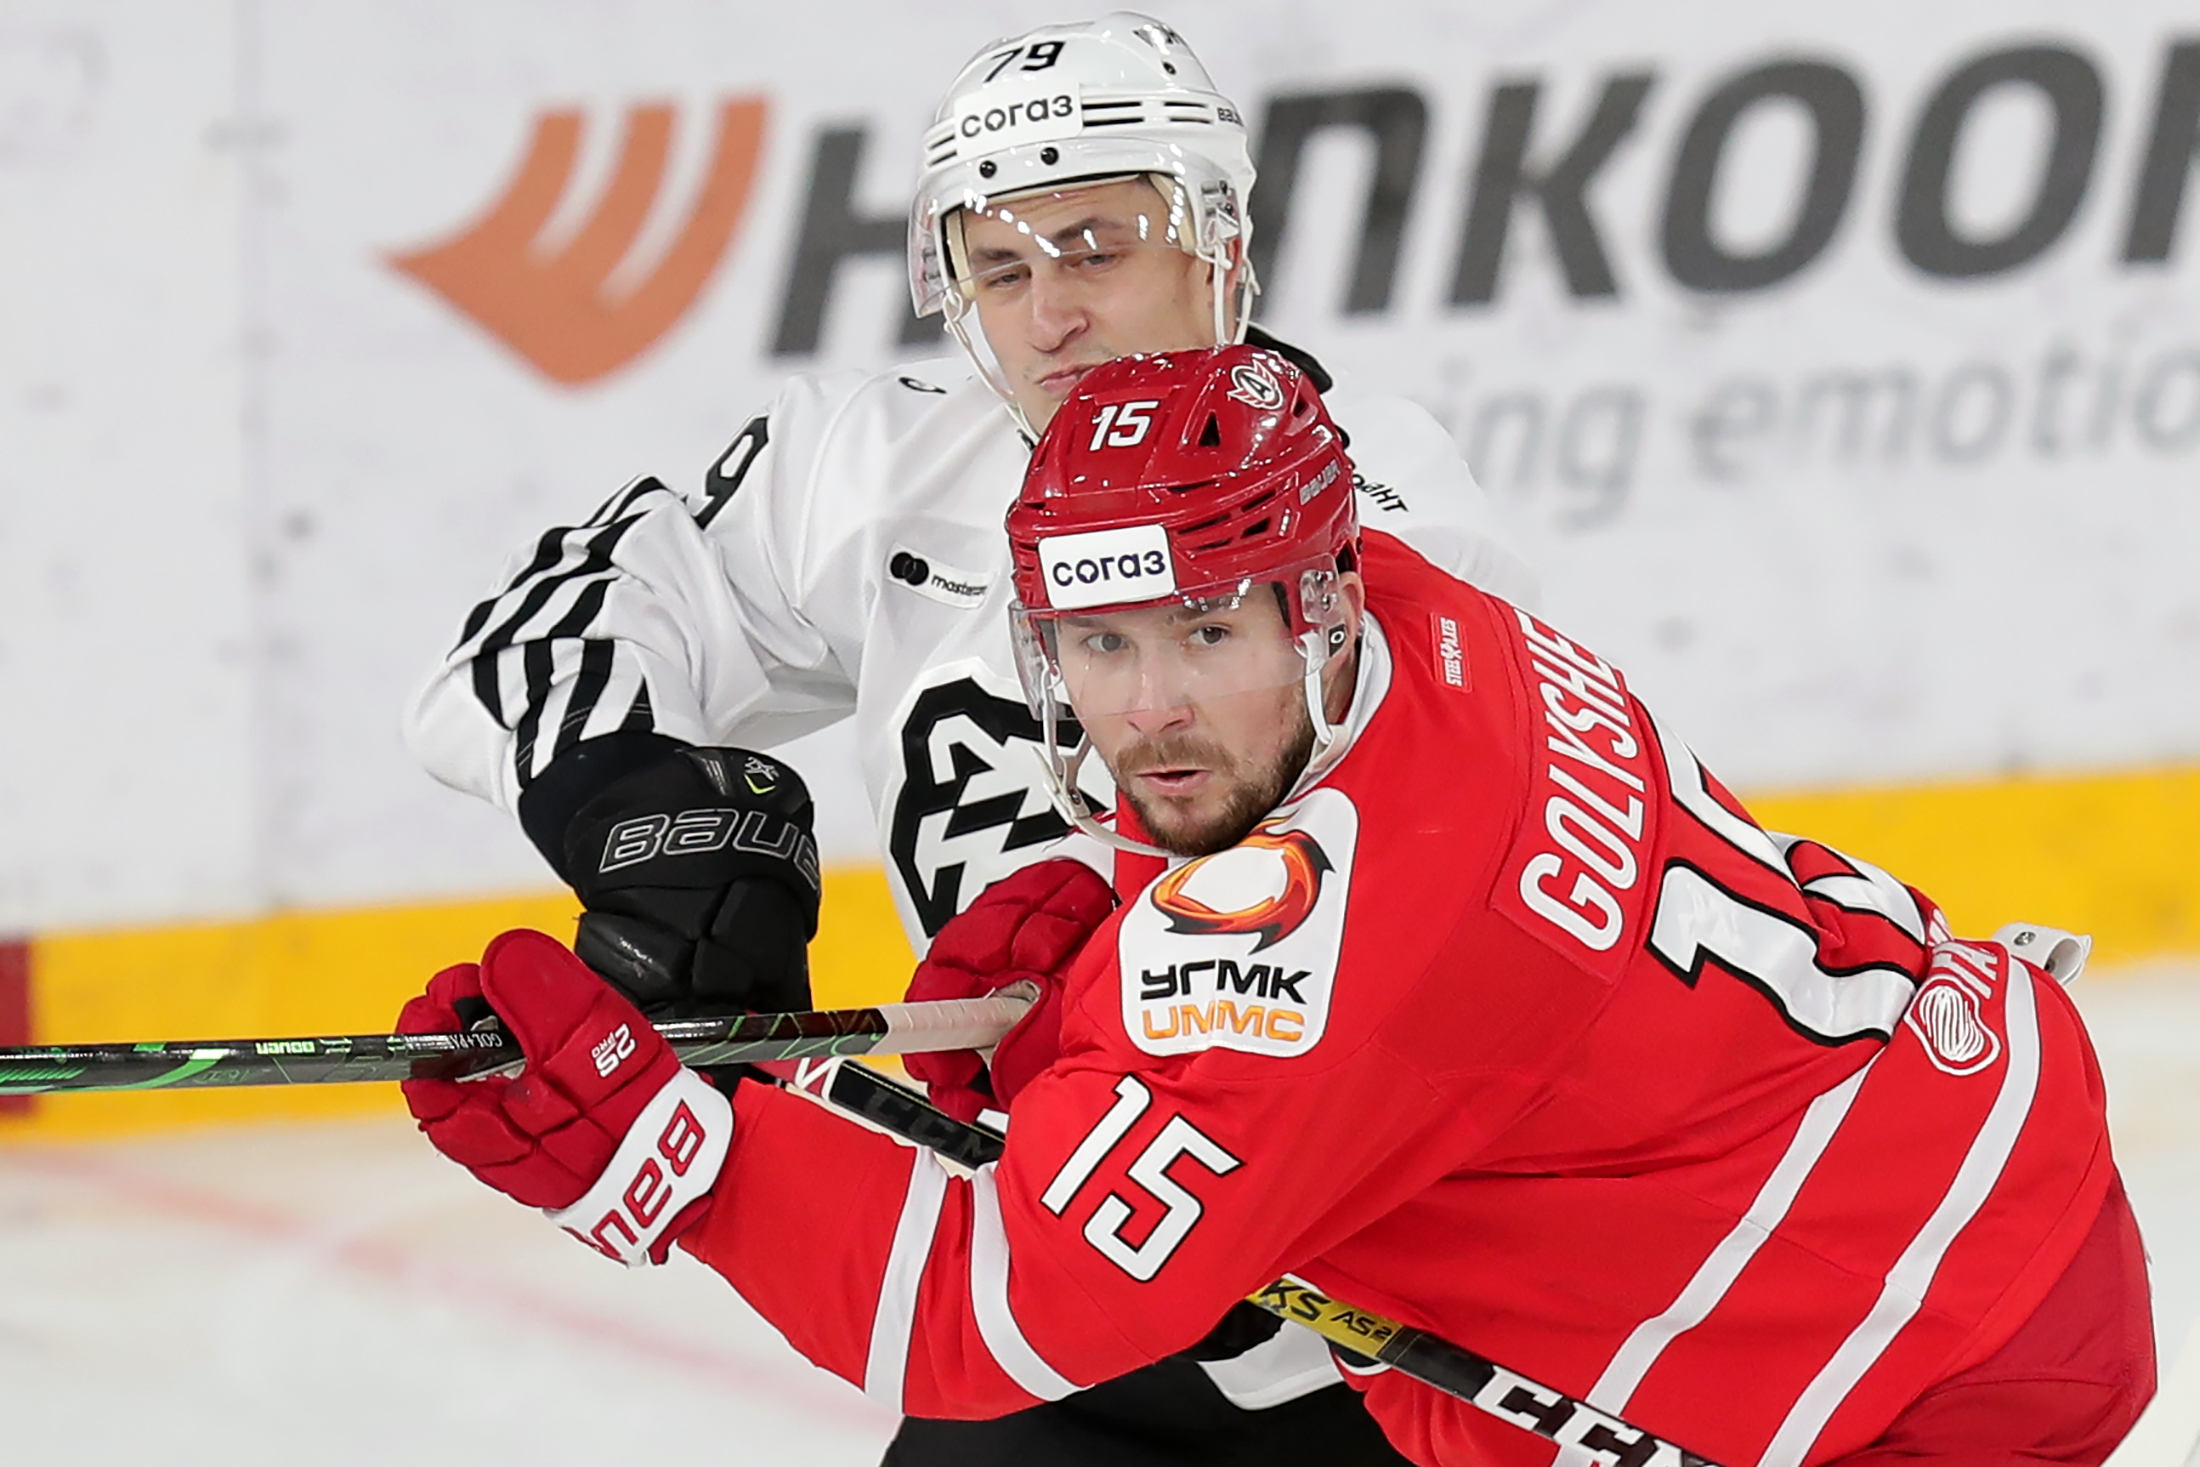 2020/2021 Kontinental Hockey League: Avtomobilist Yekaterinburg vs Traktor Chelyabinsk